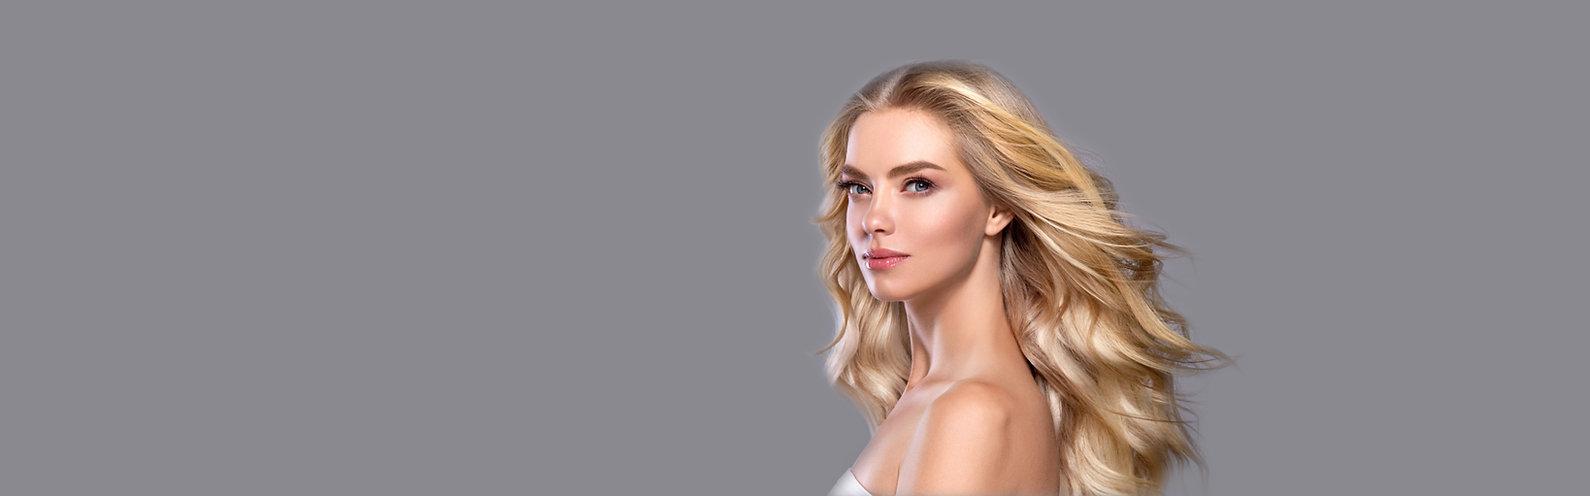 slider-cut-concept-blond-notfall.jpg